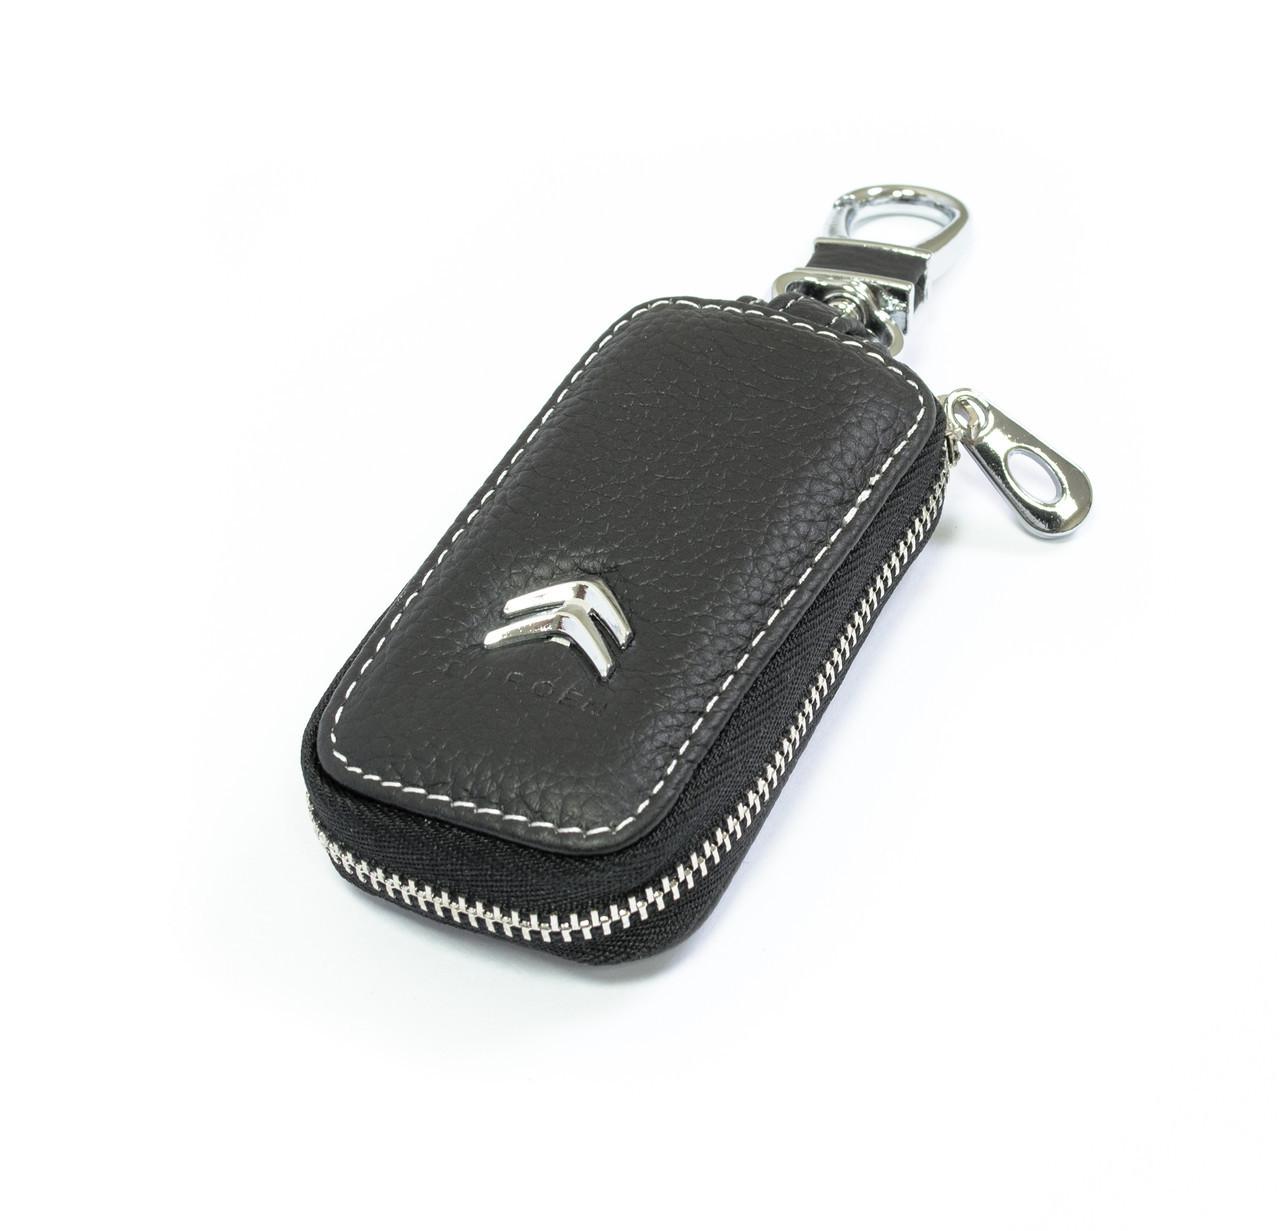 Ключниця Carss з логотипом CITROEN 17010 чорна